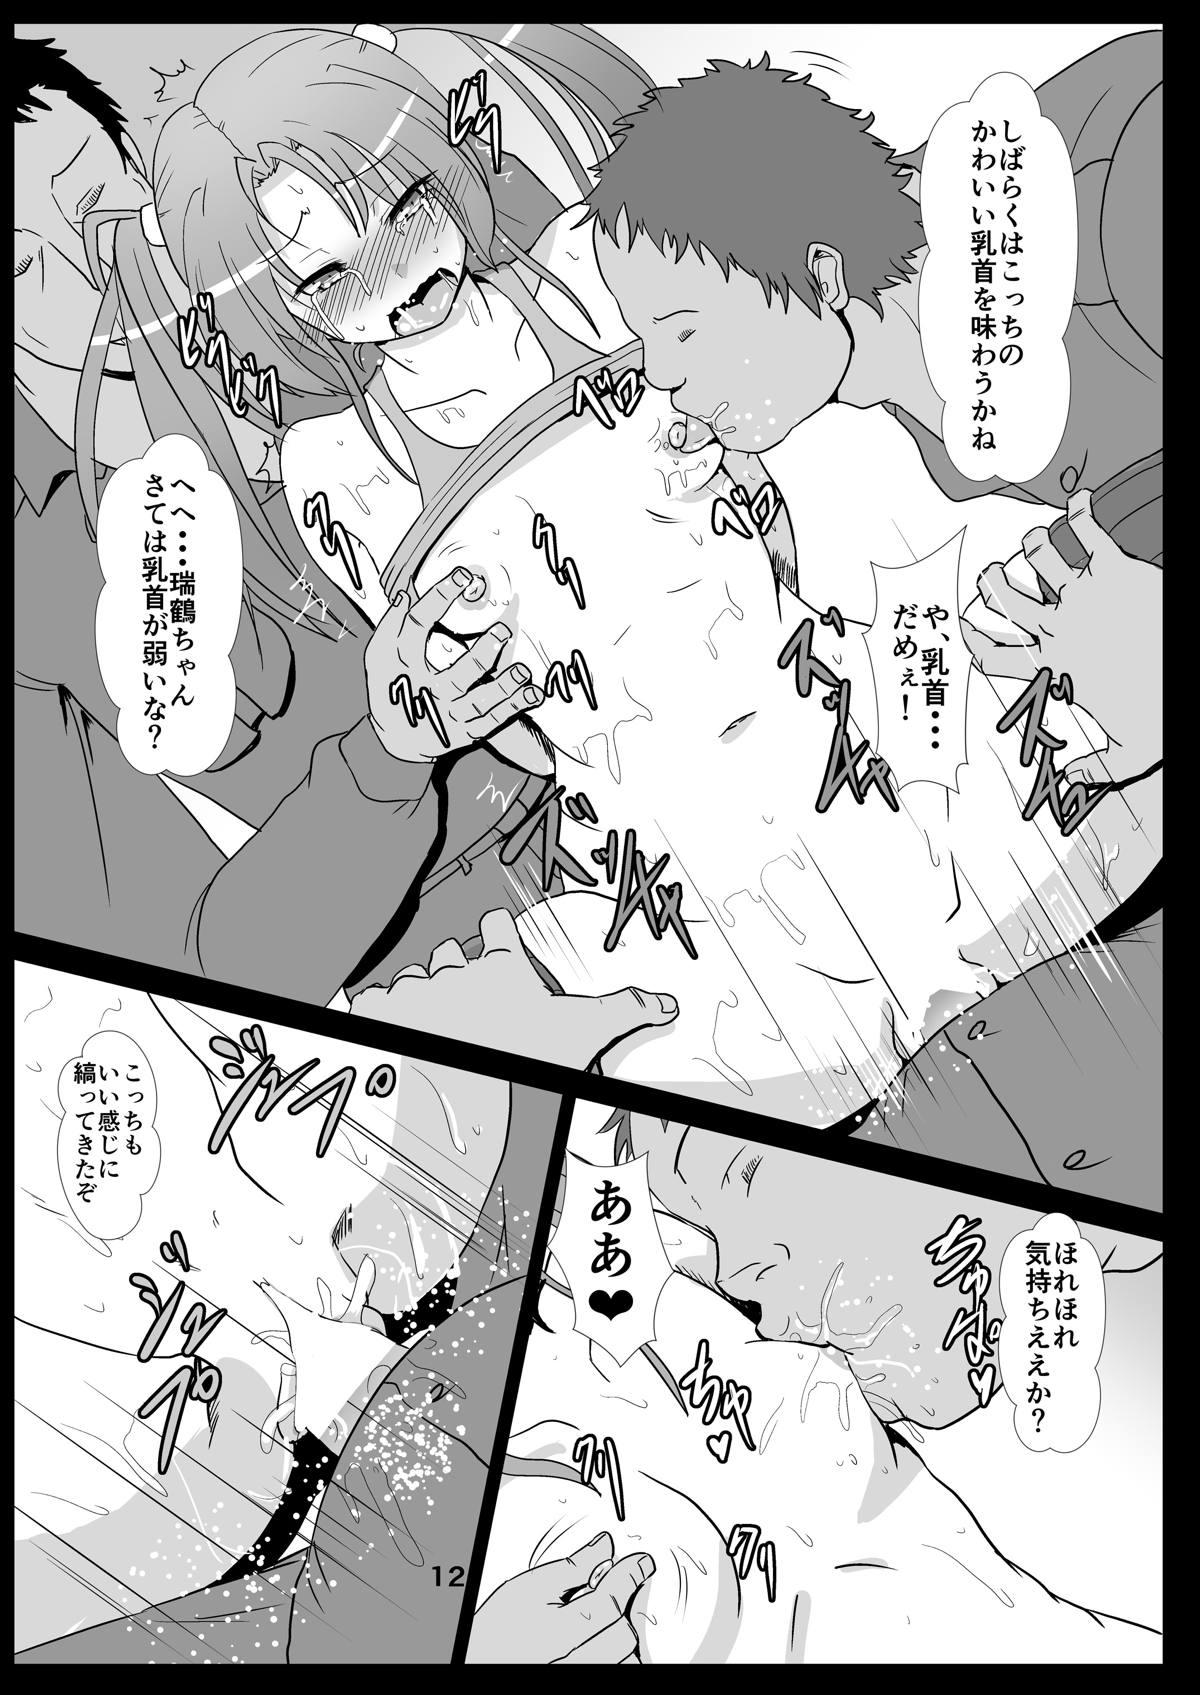 【エロ漫画】生意気ツインテ女さん、ちっぱいとマンコを同時攻めされ壊れてしまうwww